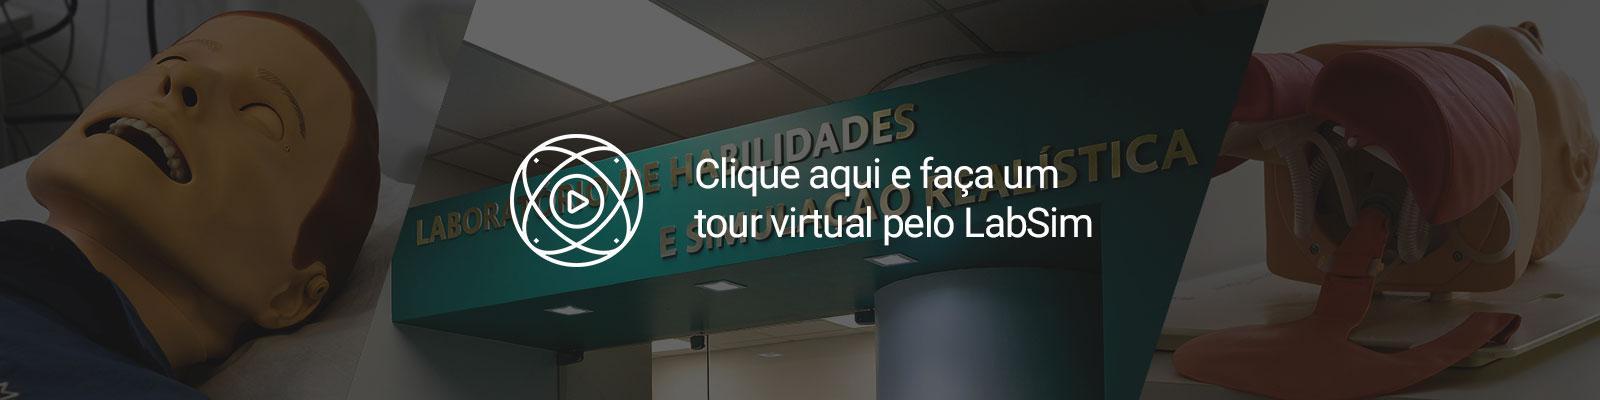 Faça um tour virtual